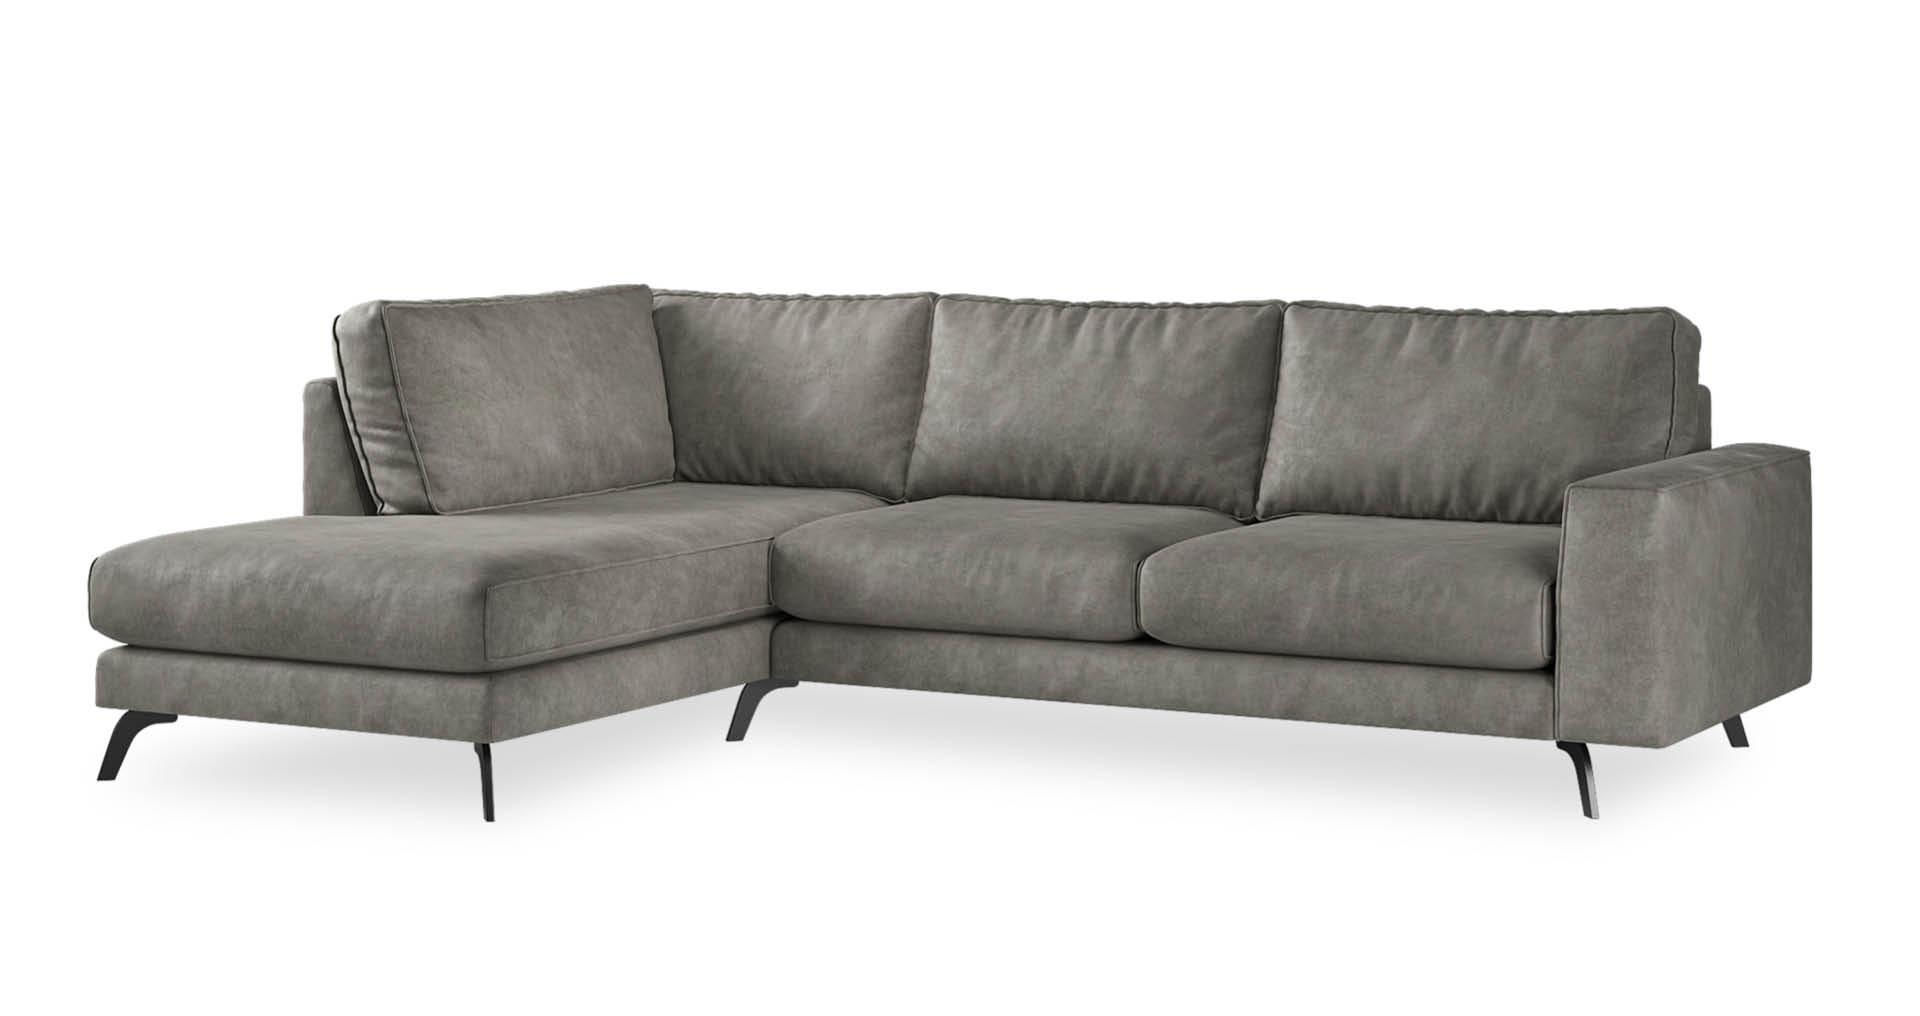 """ספה פינתית אתנה צד שמאל 300 ס""""מ בגוון אפור פלדה"""